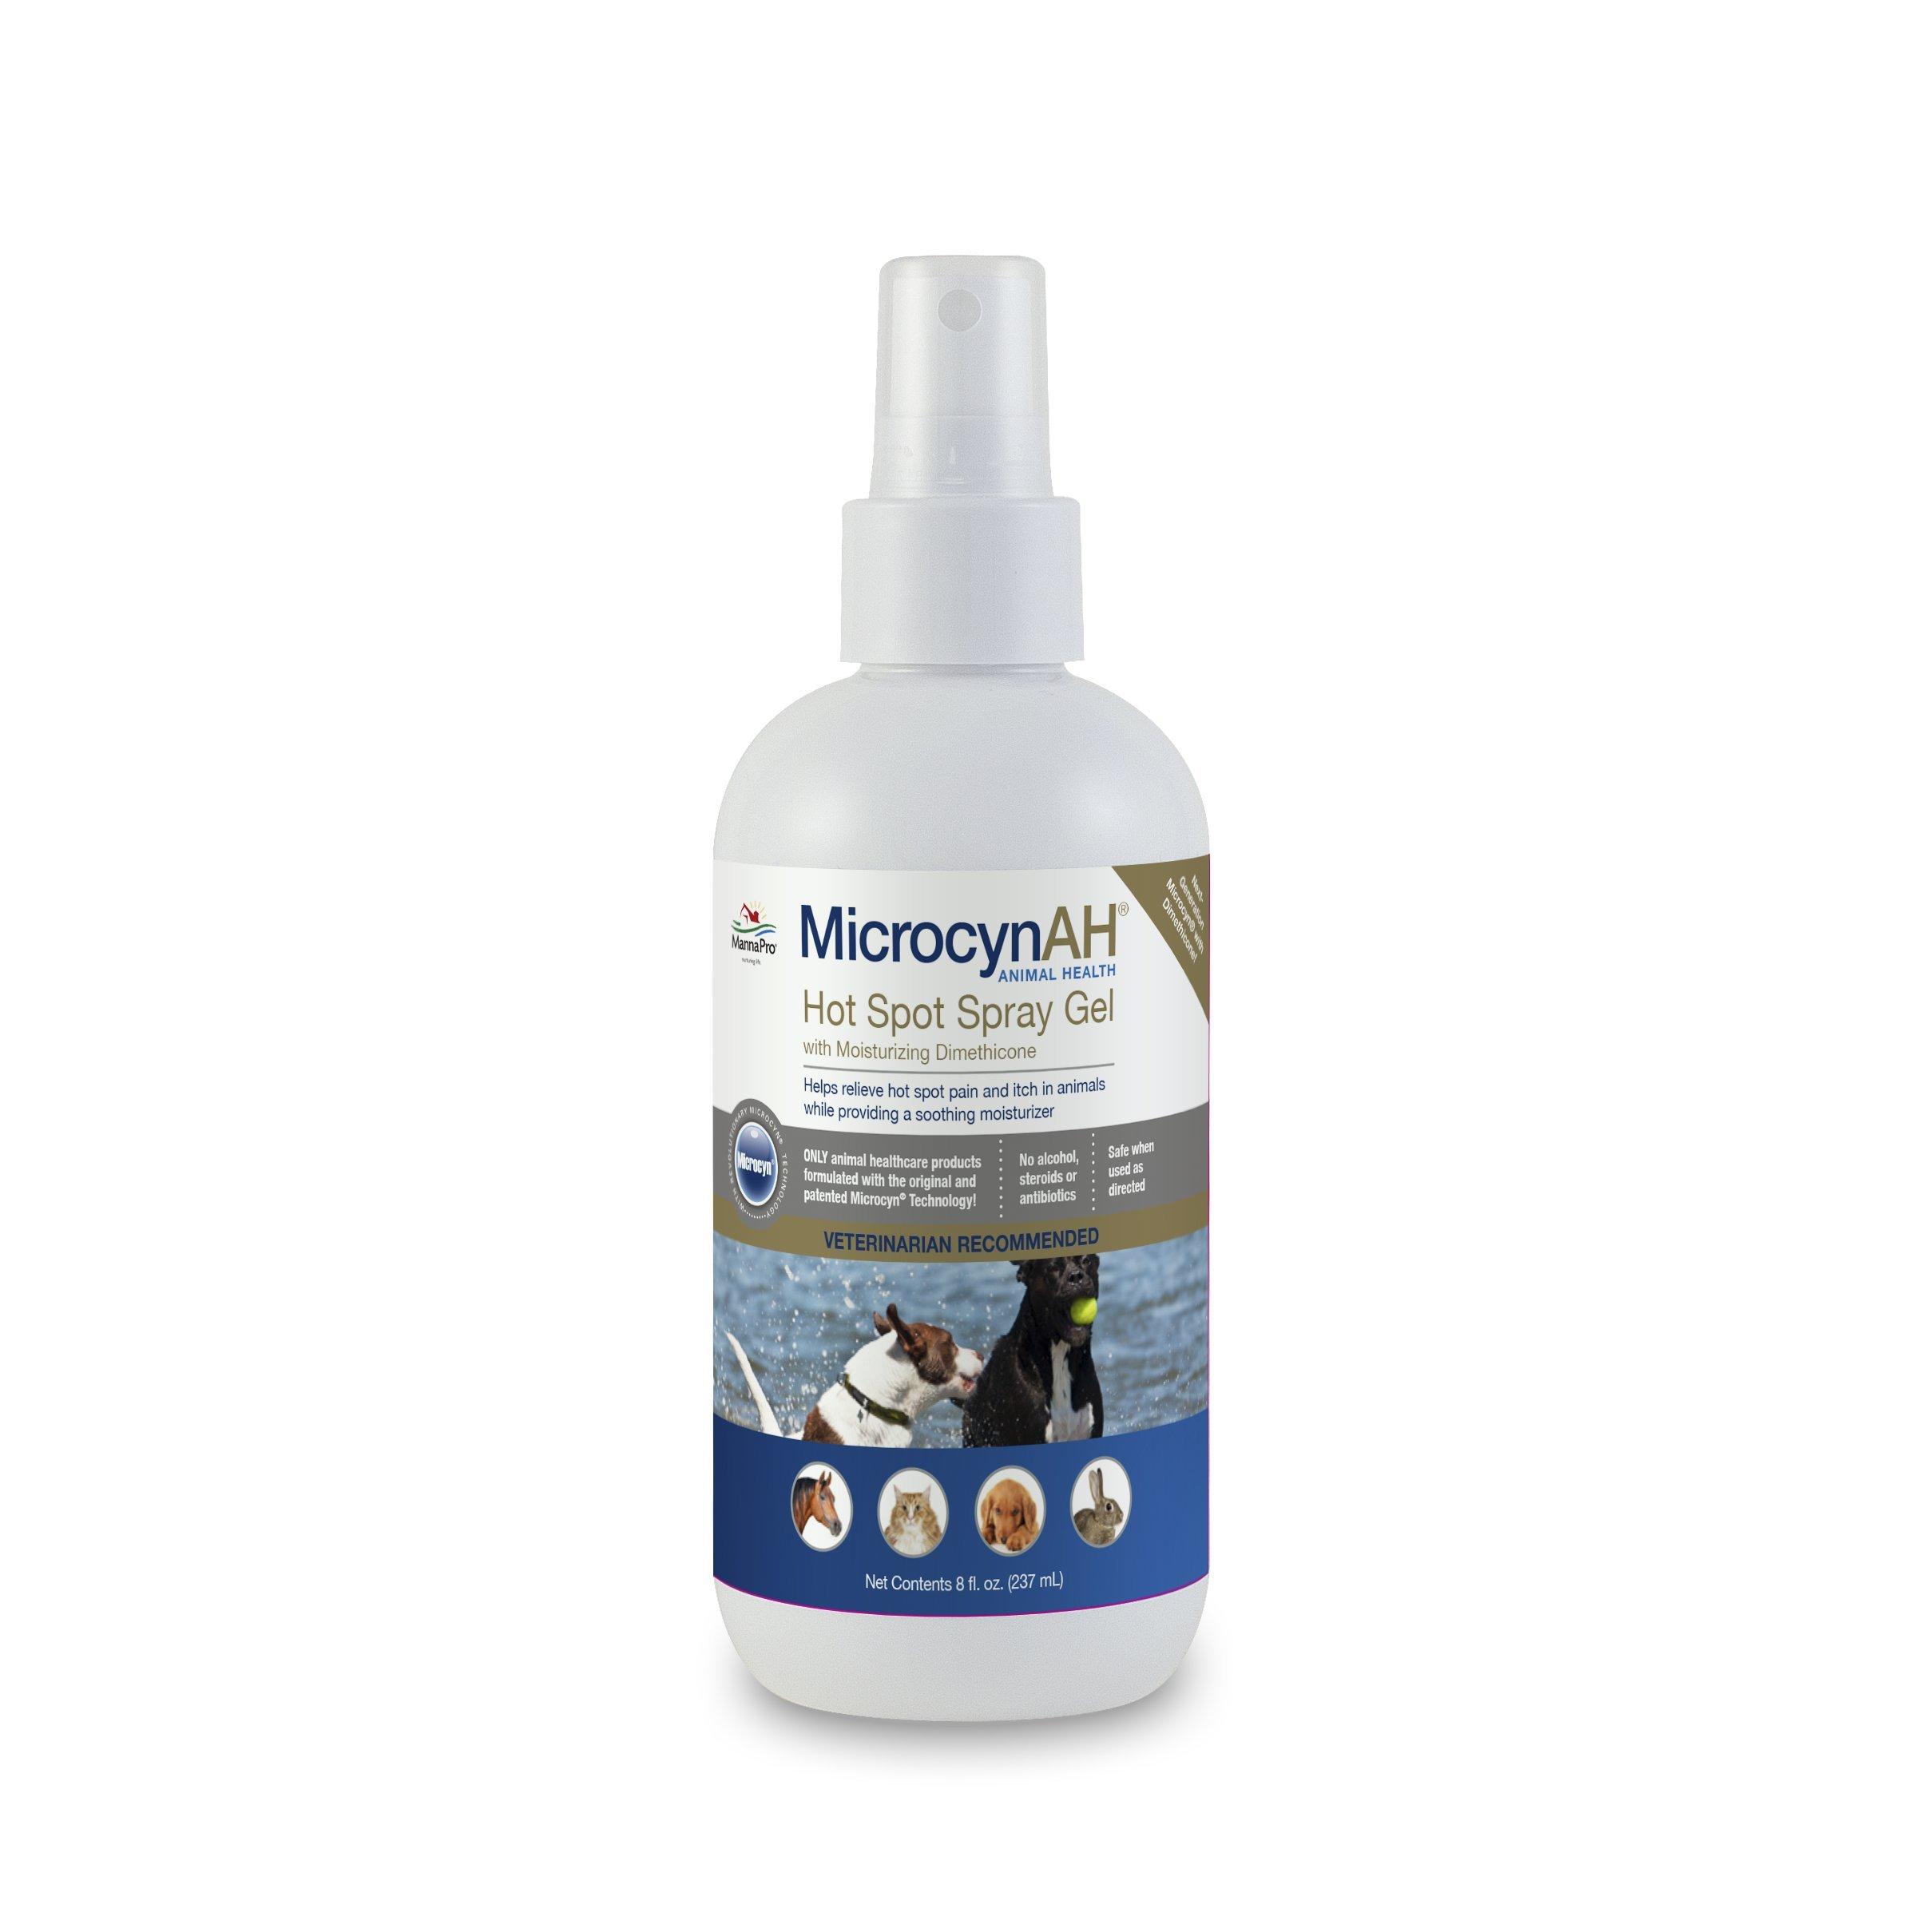 Manna Pro MicrocynAH Hot Spot Hydrogel, 8 oz by Manna Pro